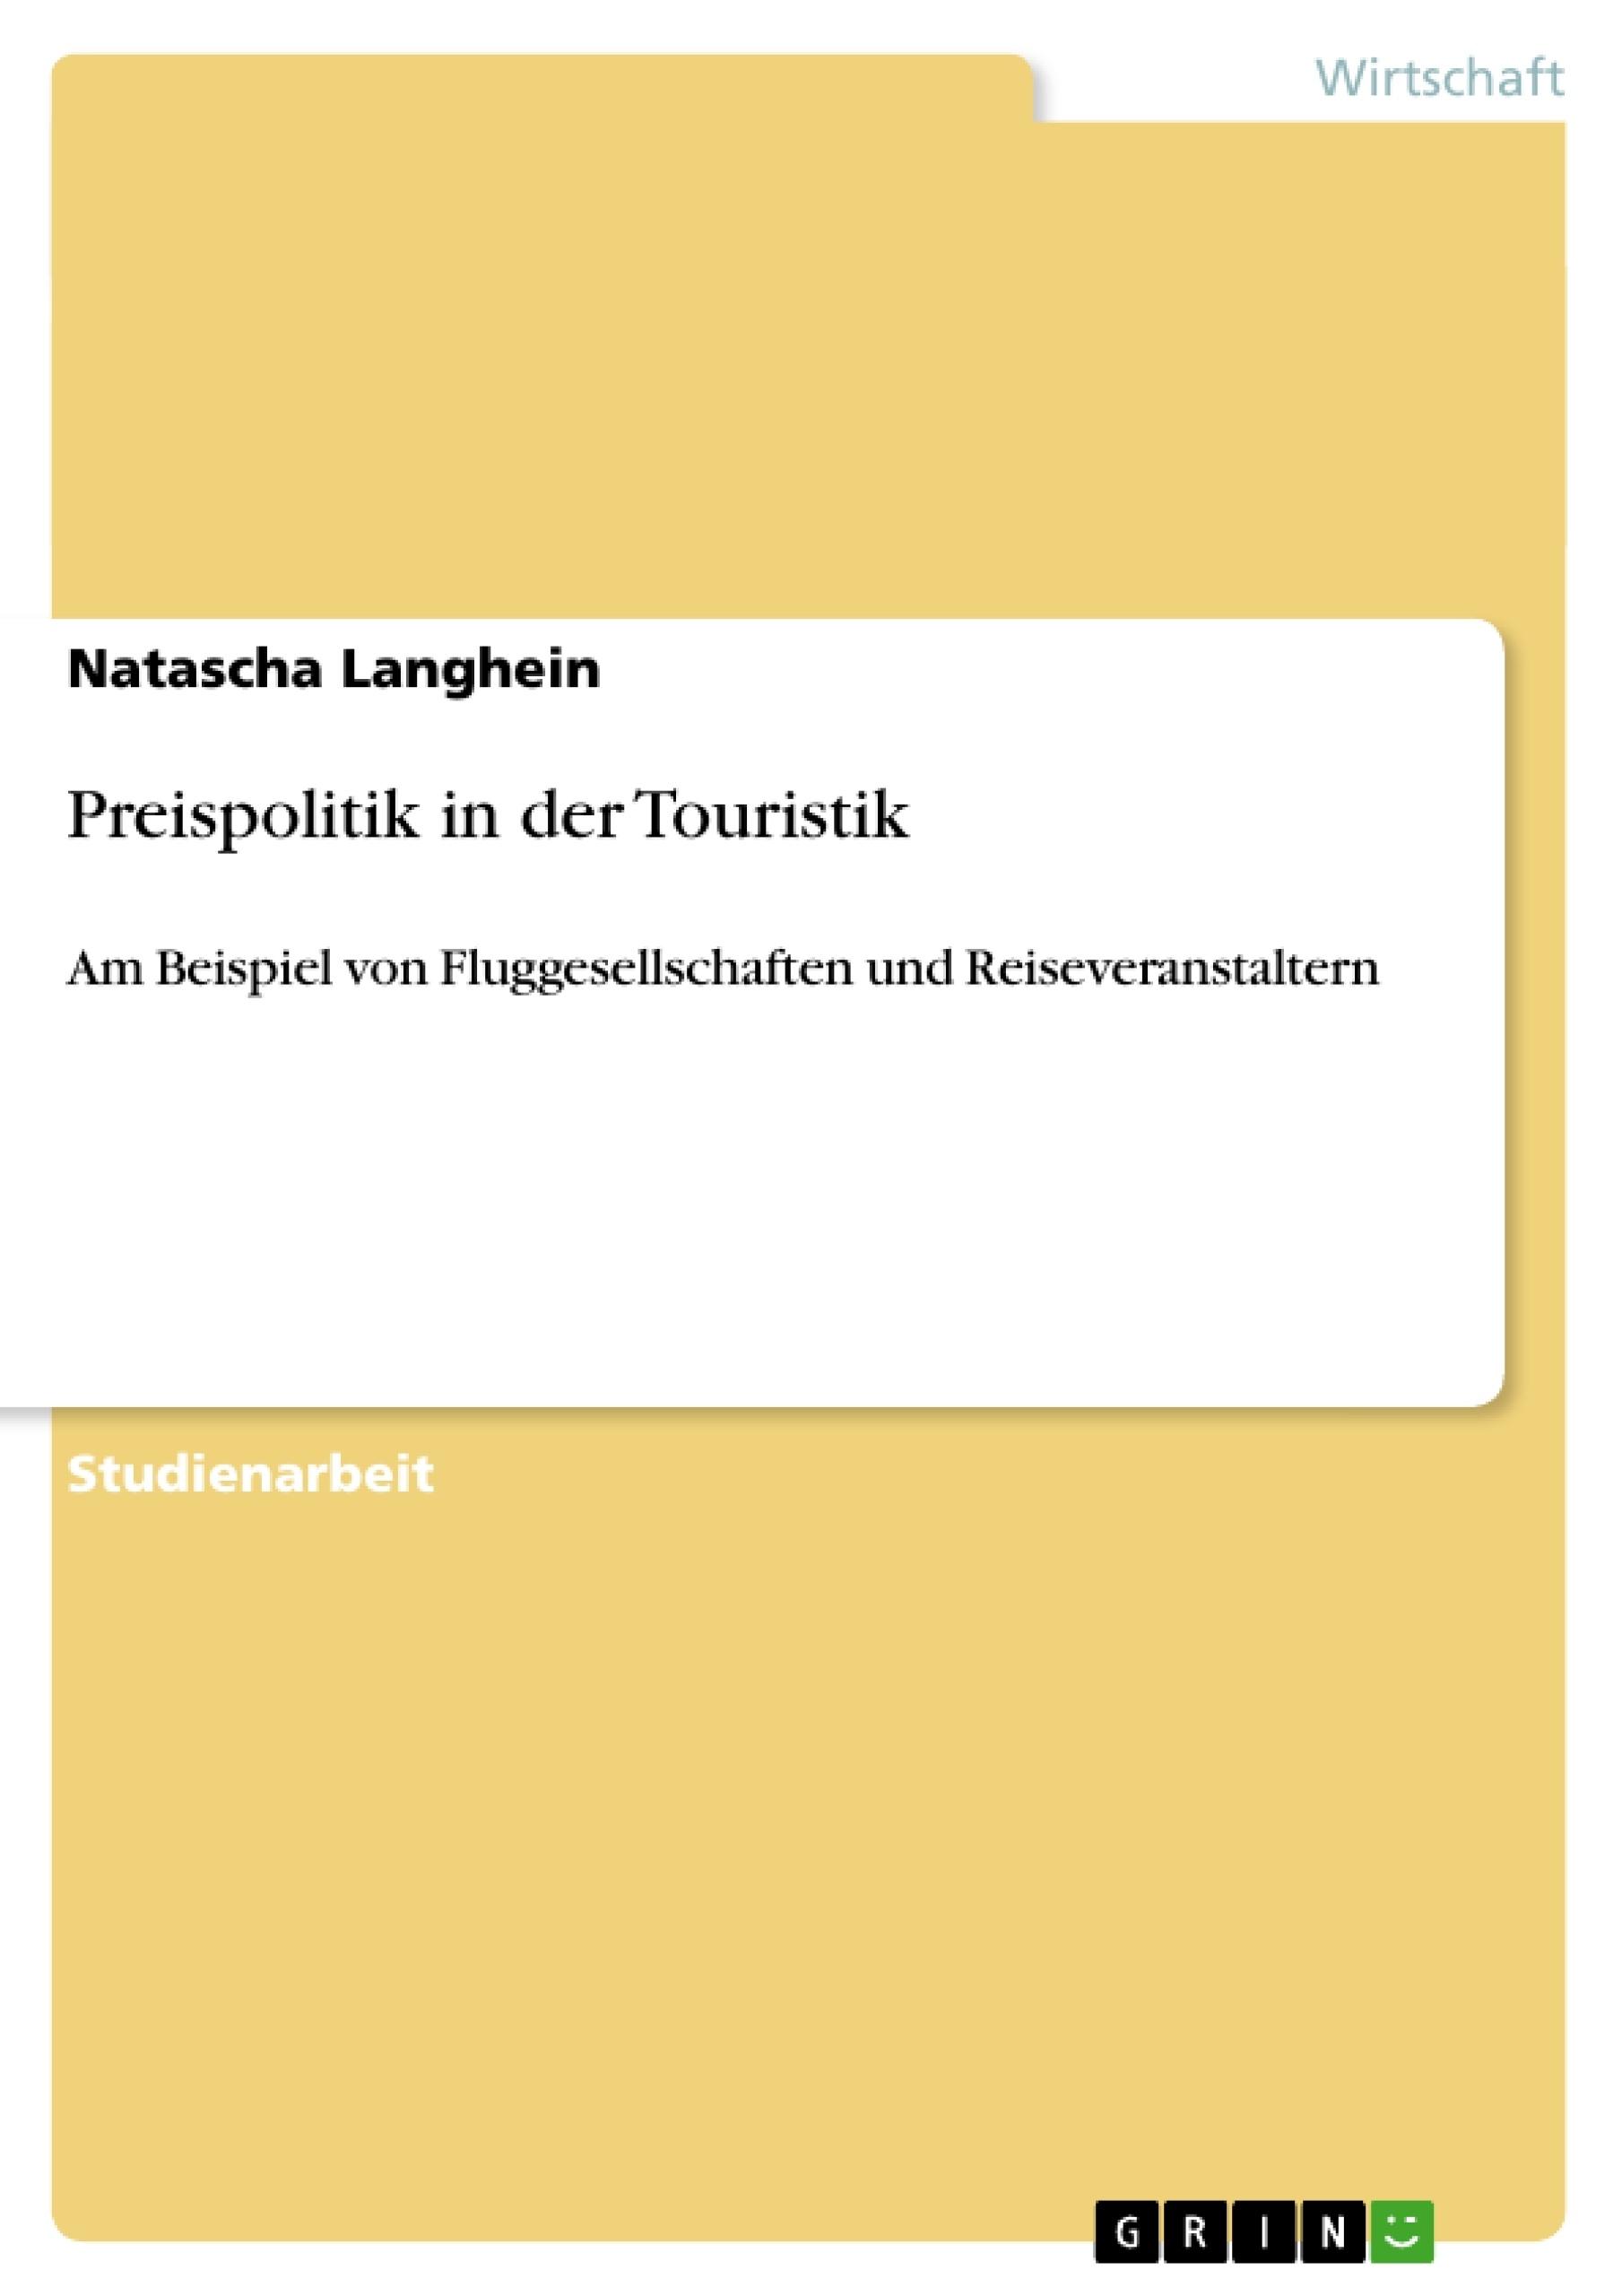 Titel: Preispolitik in der Touristik